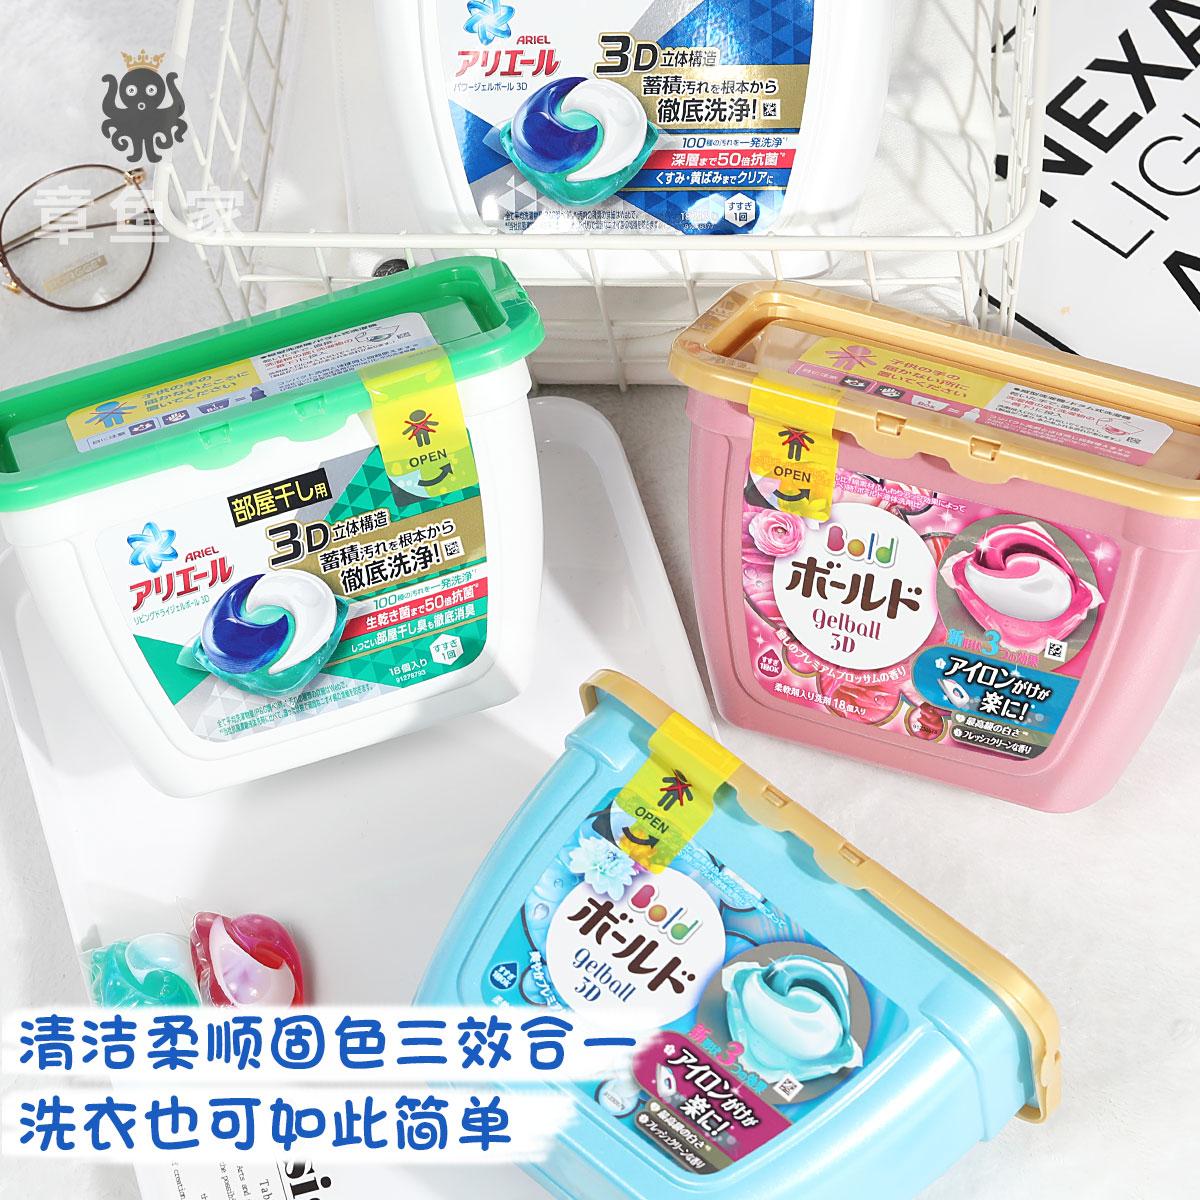 Осьминог домой япония P&G сокровище чистый прачечная мяч 3D прачечная свертываться жемчужина прачечная жидкость 4 семена вкус 18 звезды упакованный